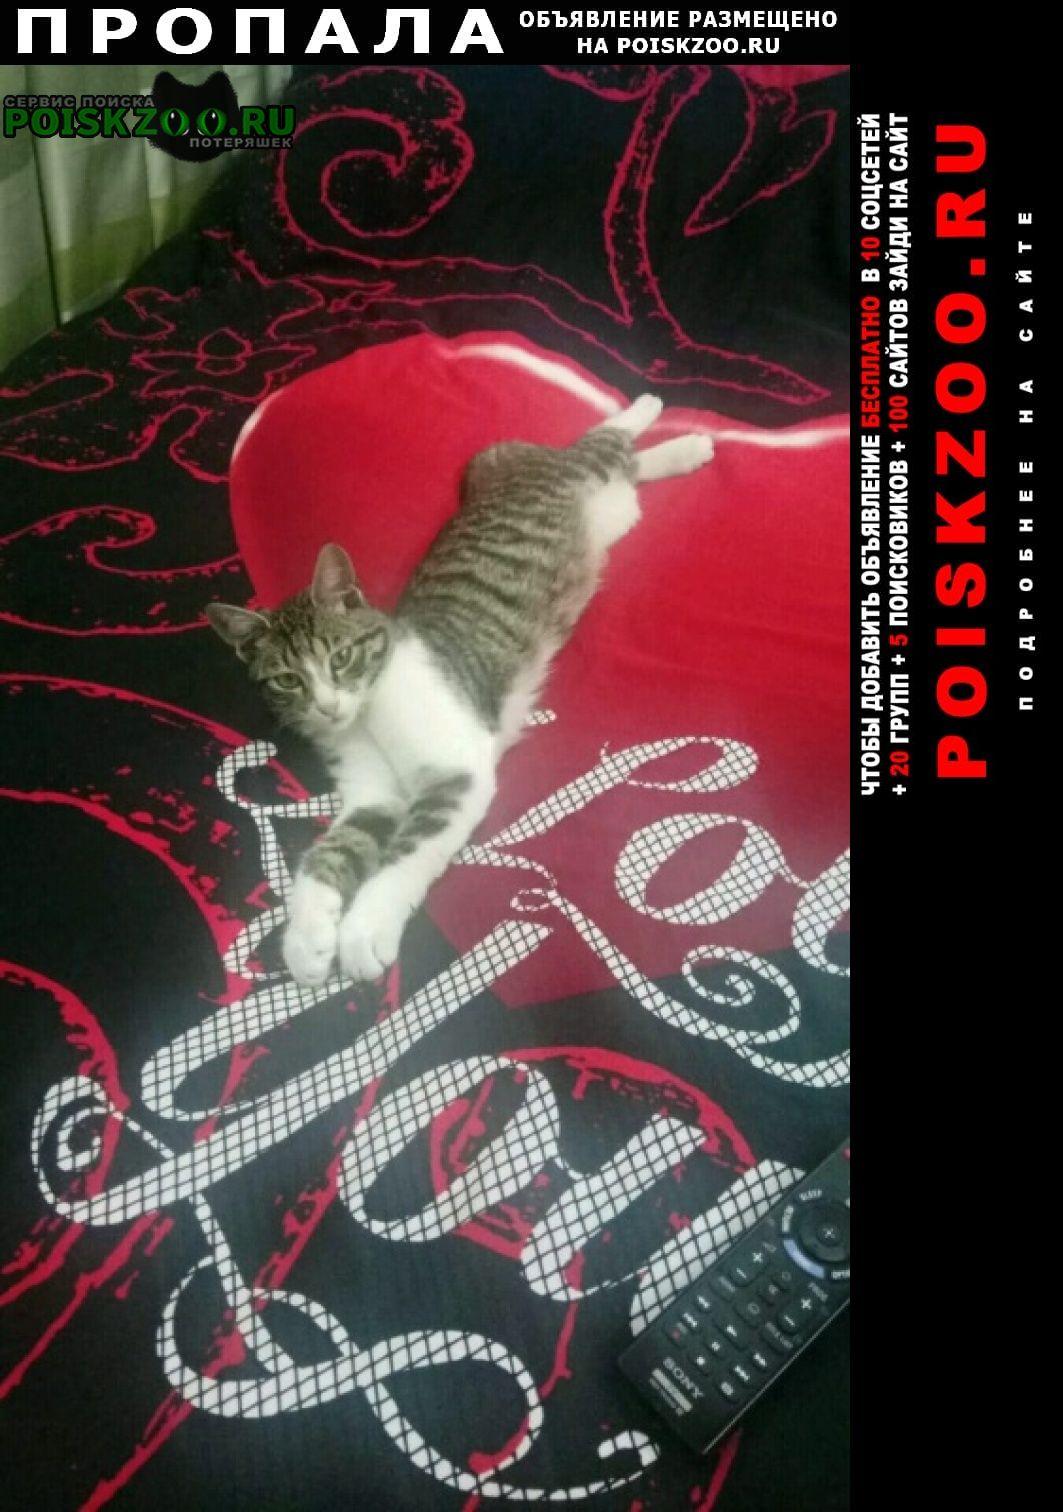 Пропала кошка кот на мацесте 4го января Сочи